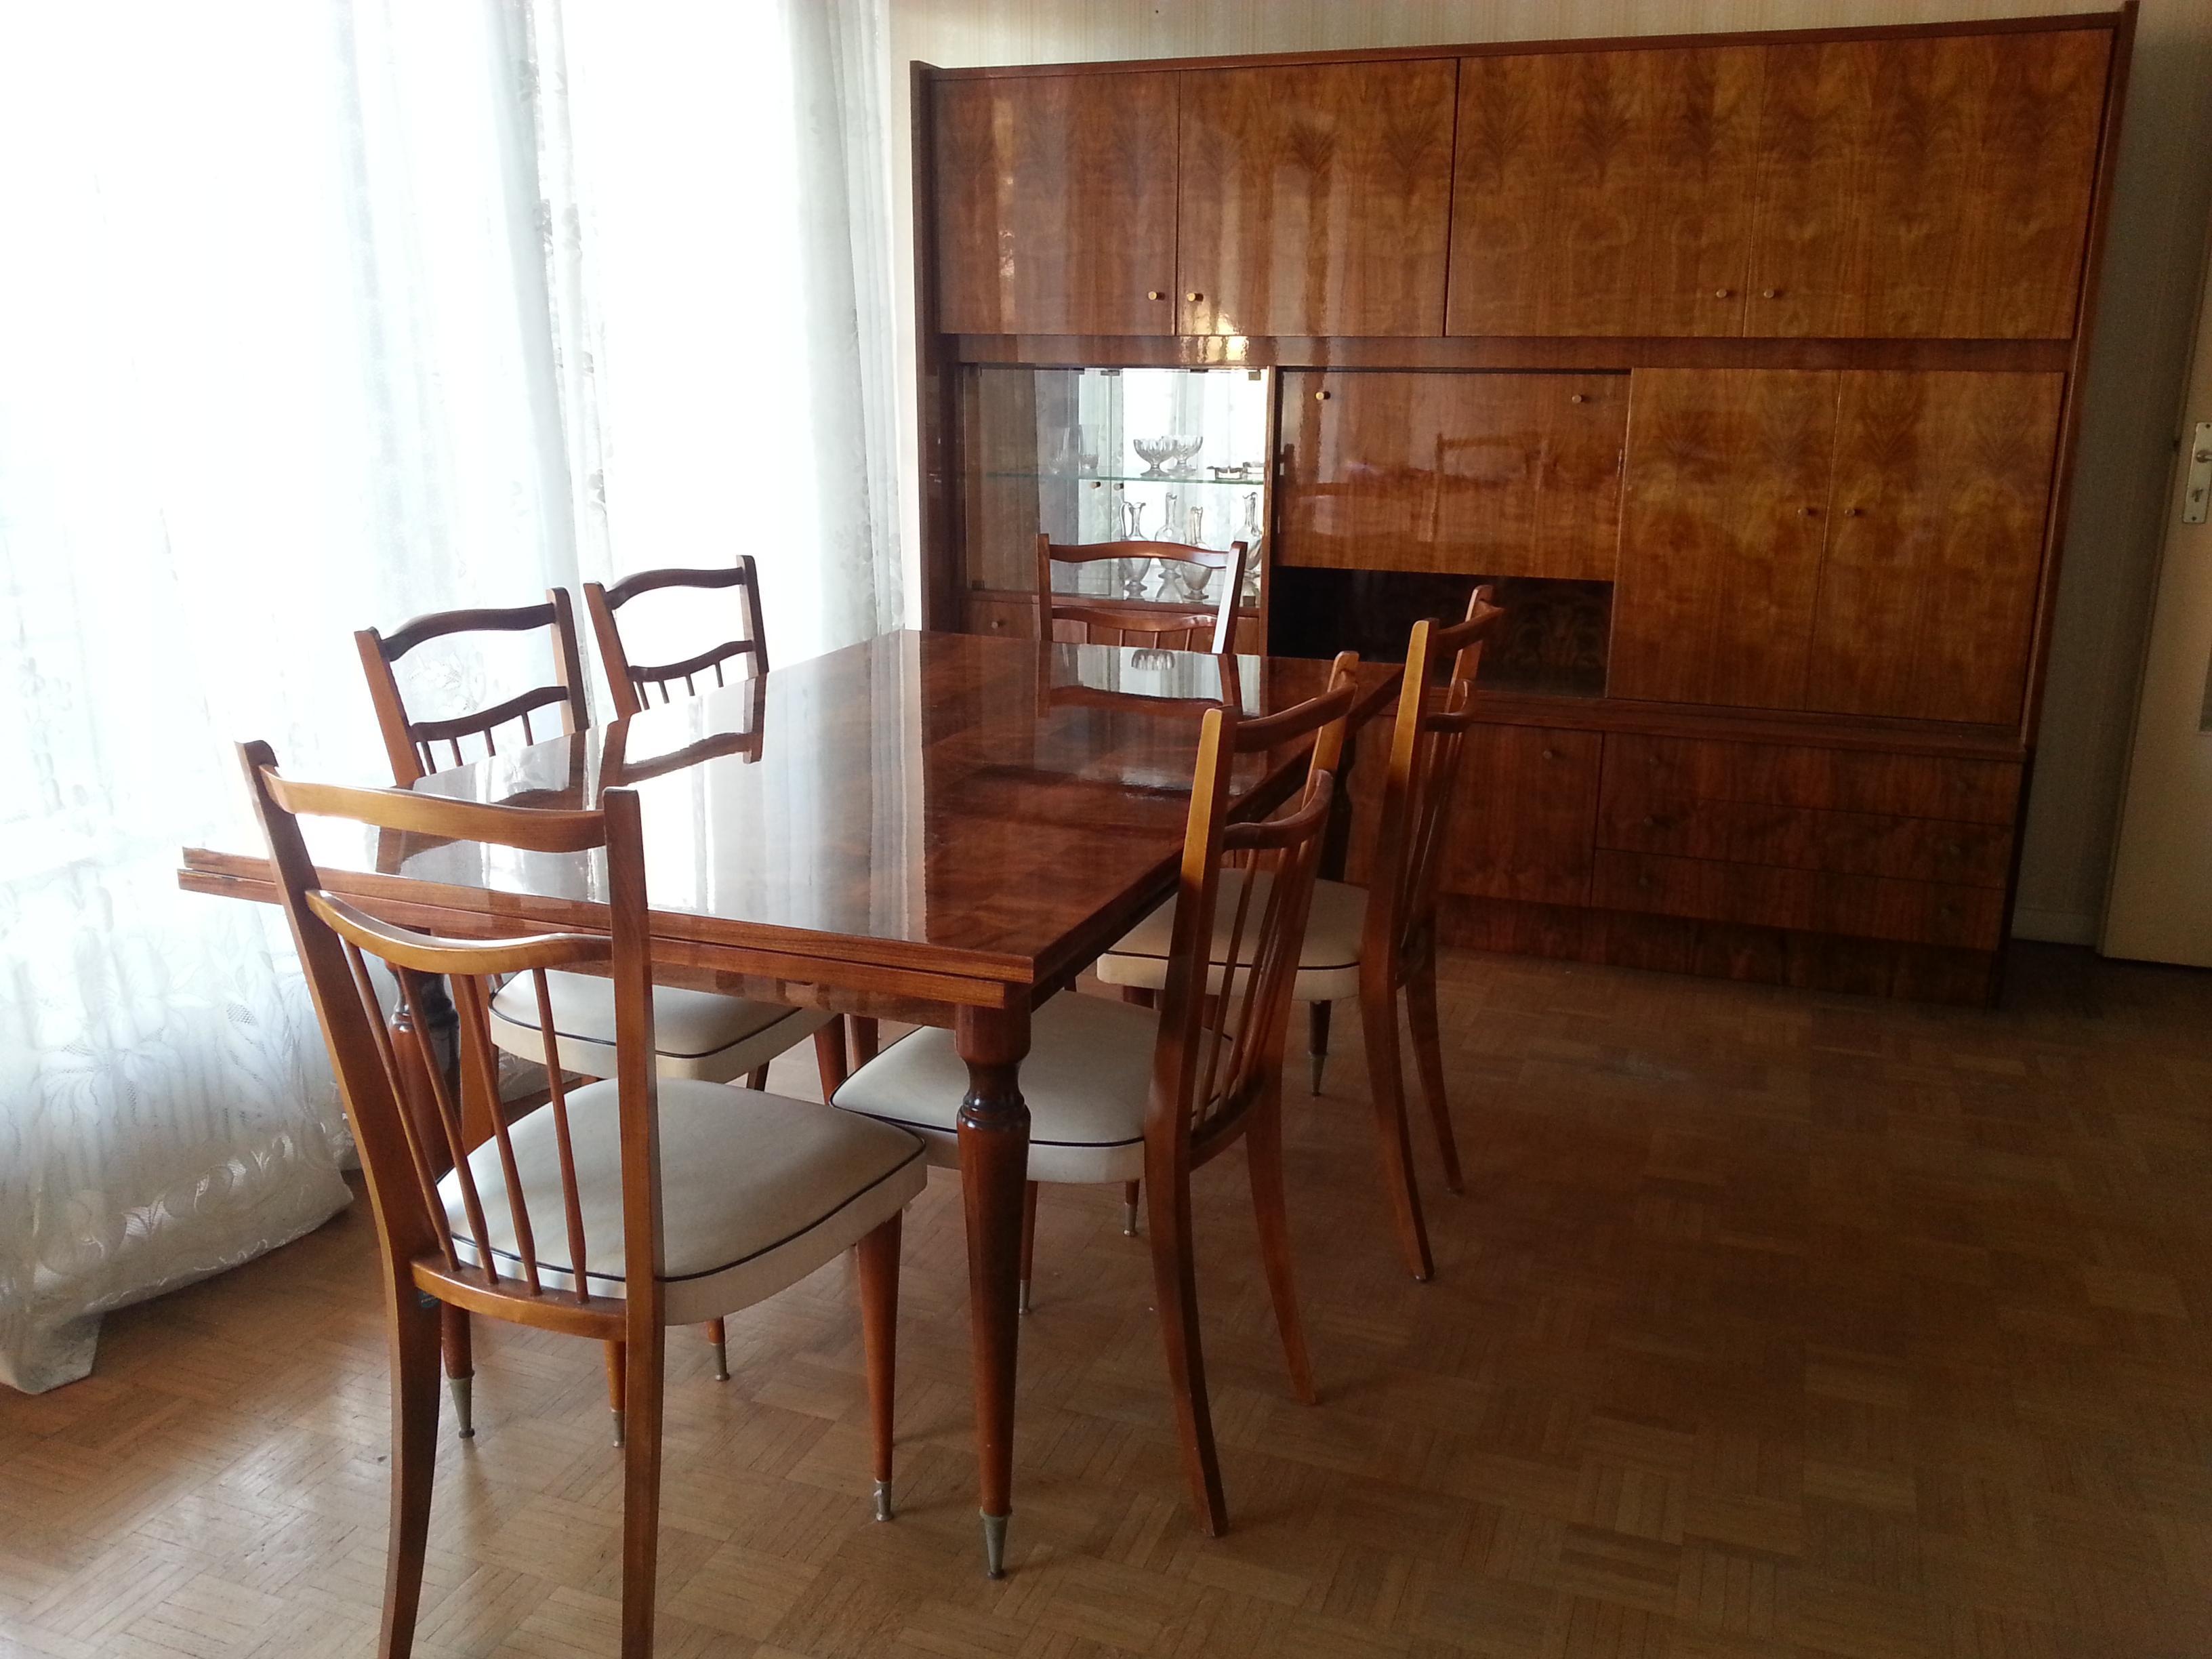 acheter sur internet tout savoir sur les achats en ligne. Black Bedroom Furniture Sets. Home Design Ideas